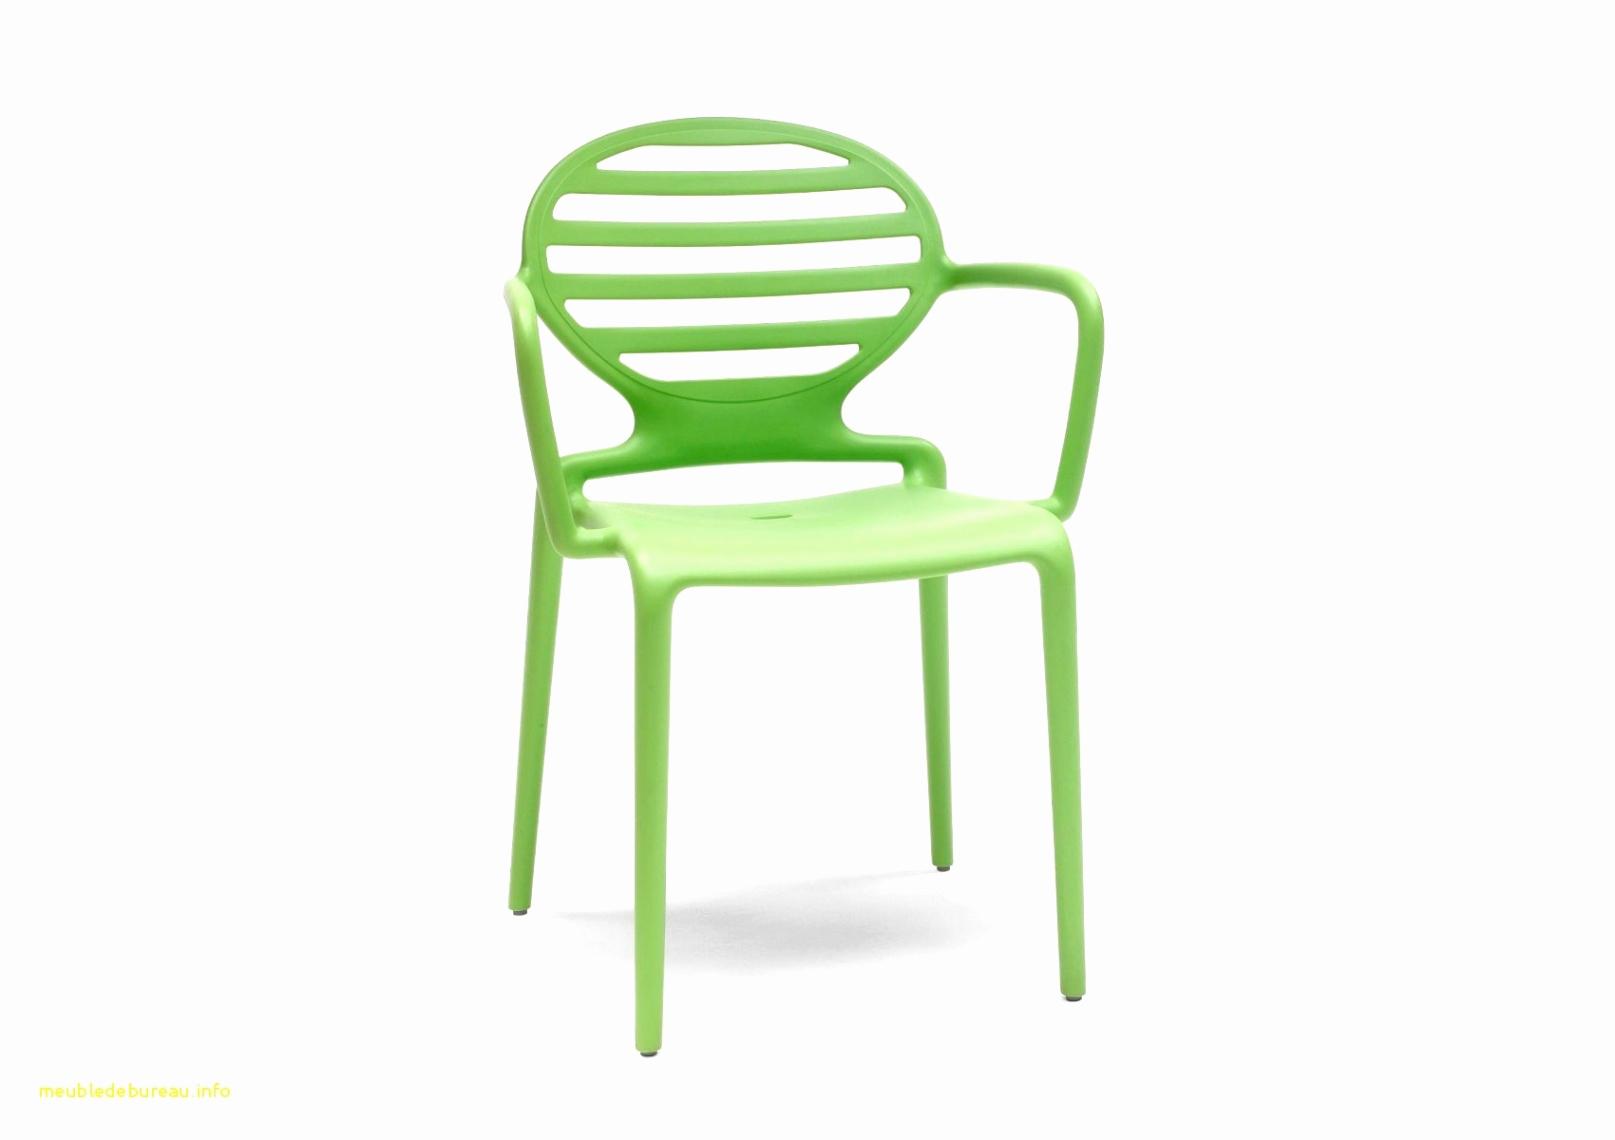 Salon Pas Cher Frais Chaise De Salon Pas Cher Beau Chaise Design Cuir Chaise